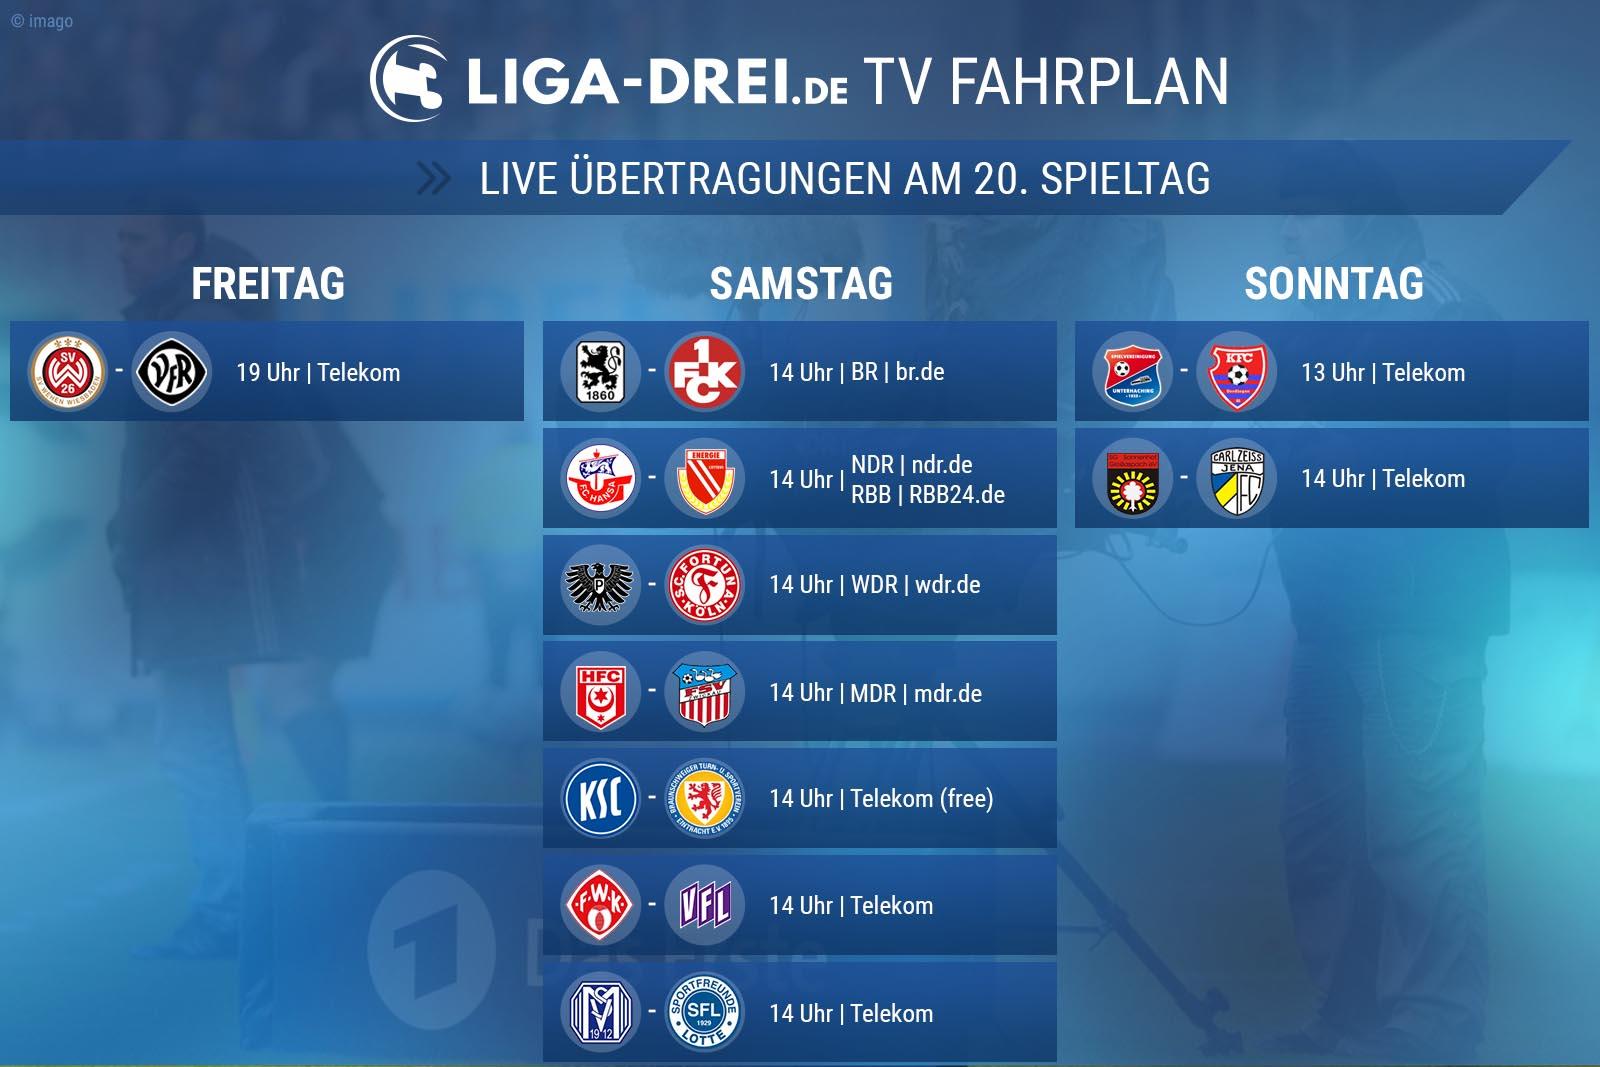 TV-Fahrplan 3. Liga